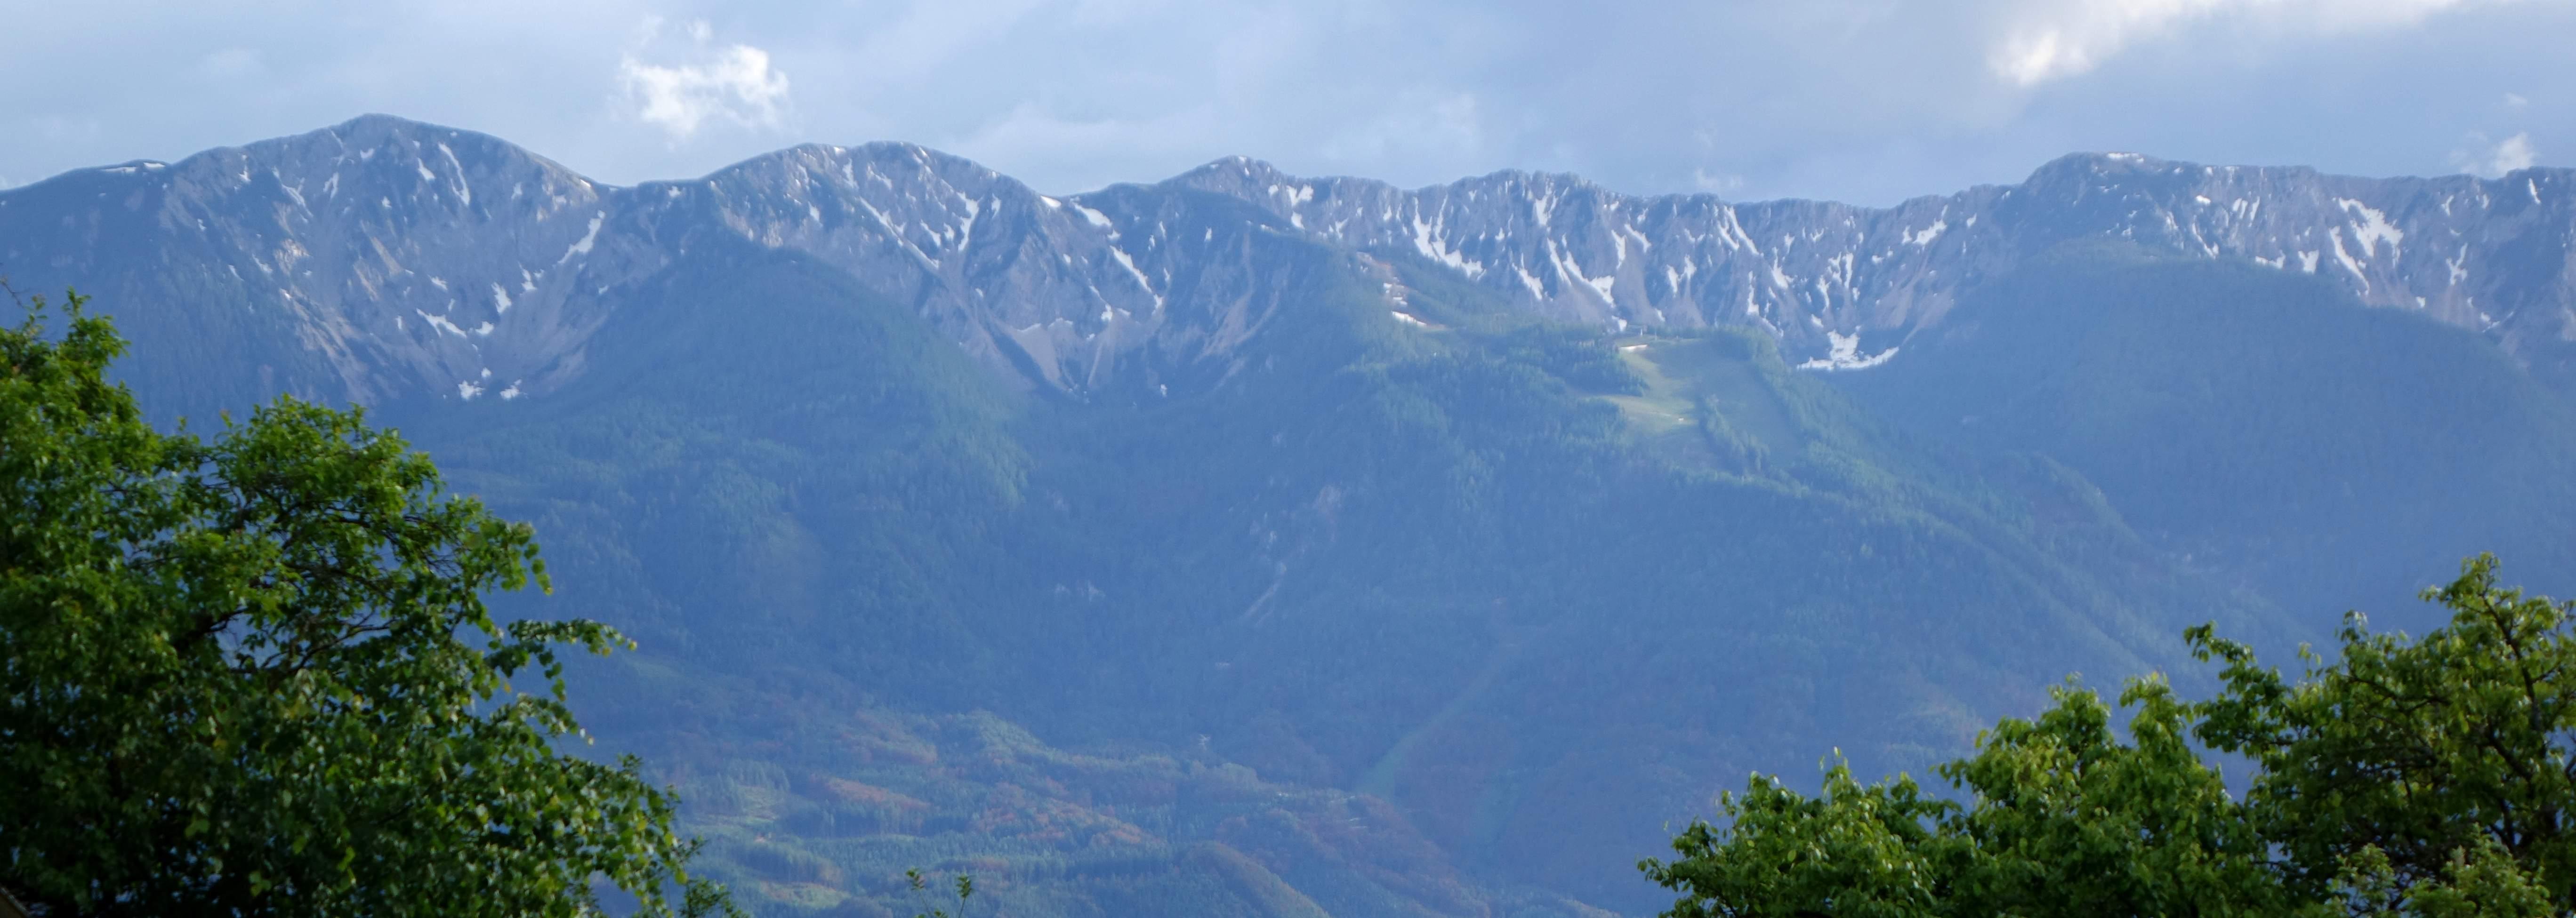 הנוף מהחווה בסלובניה- ברוכים הבאים!